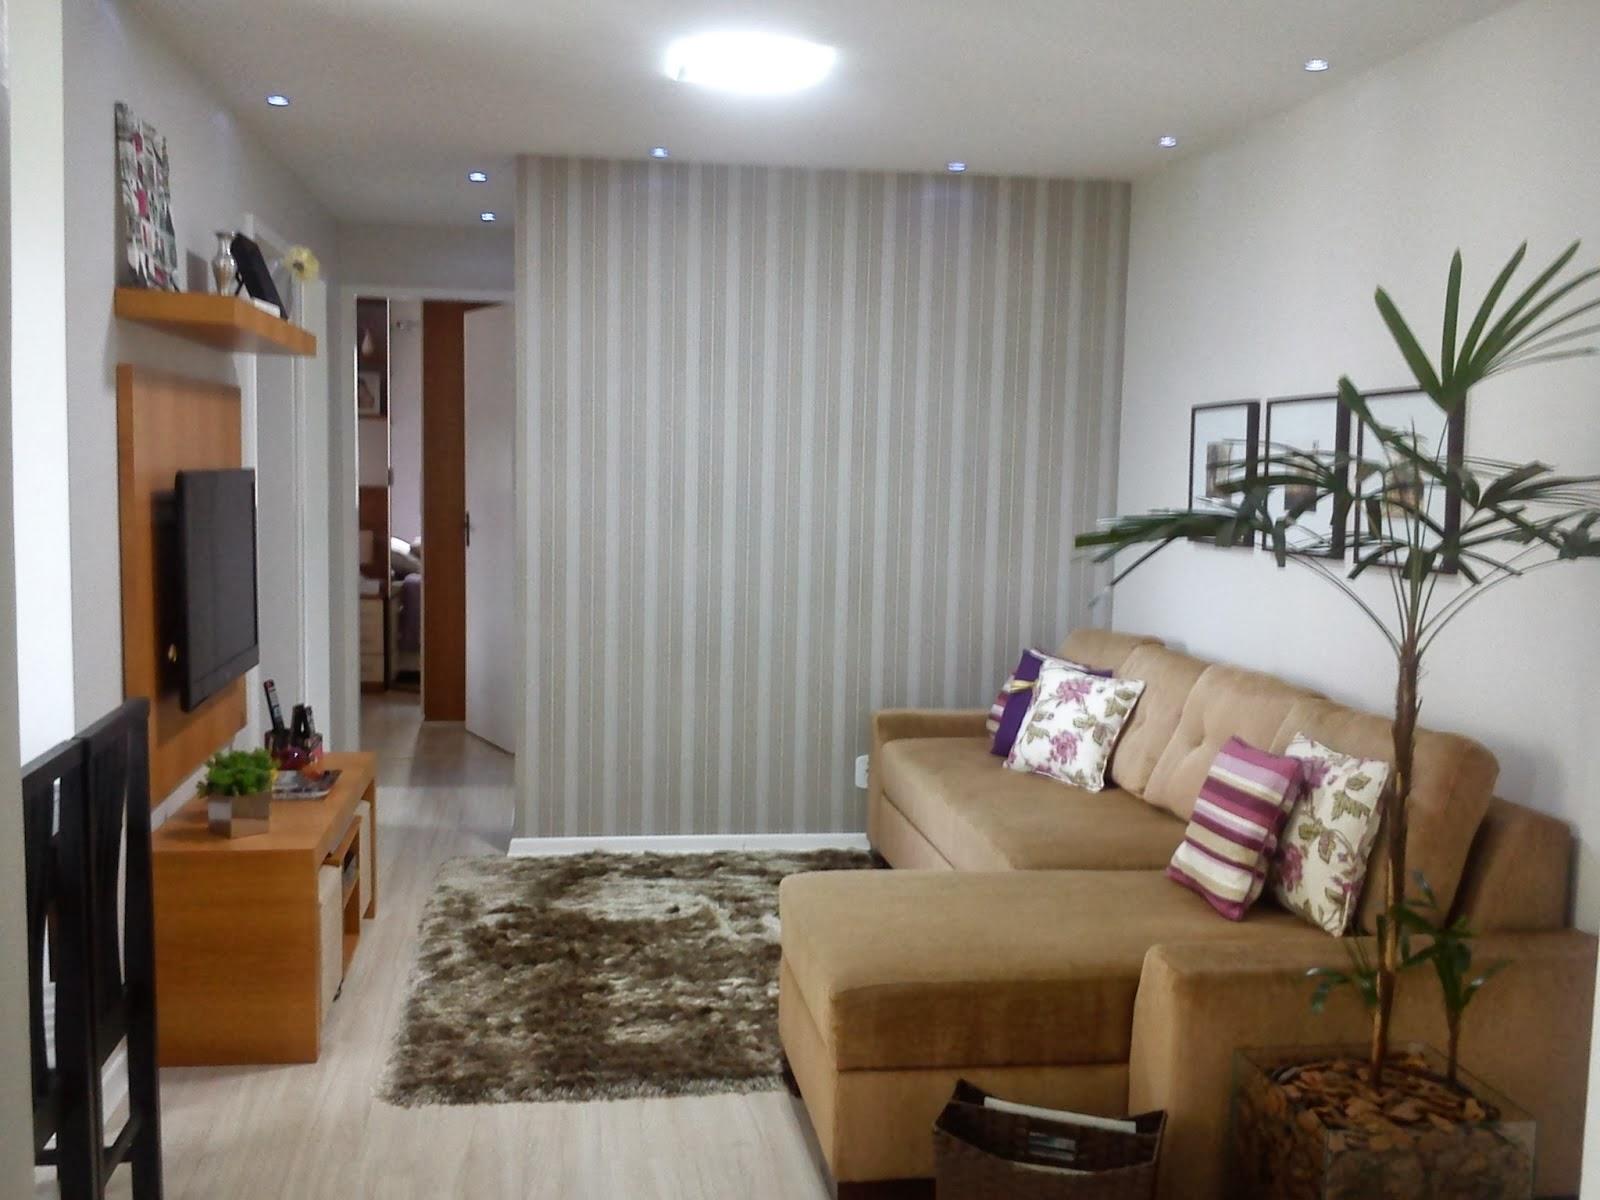 Dicas De Como Decorar Uma Sala Pequena Decore J  -> Artigos De Decoracao Para Sala Pequena